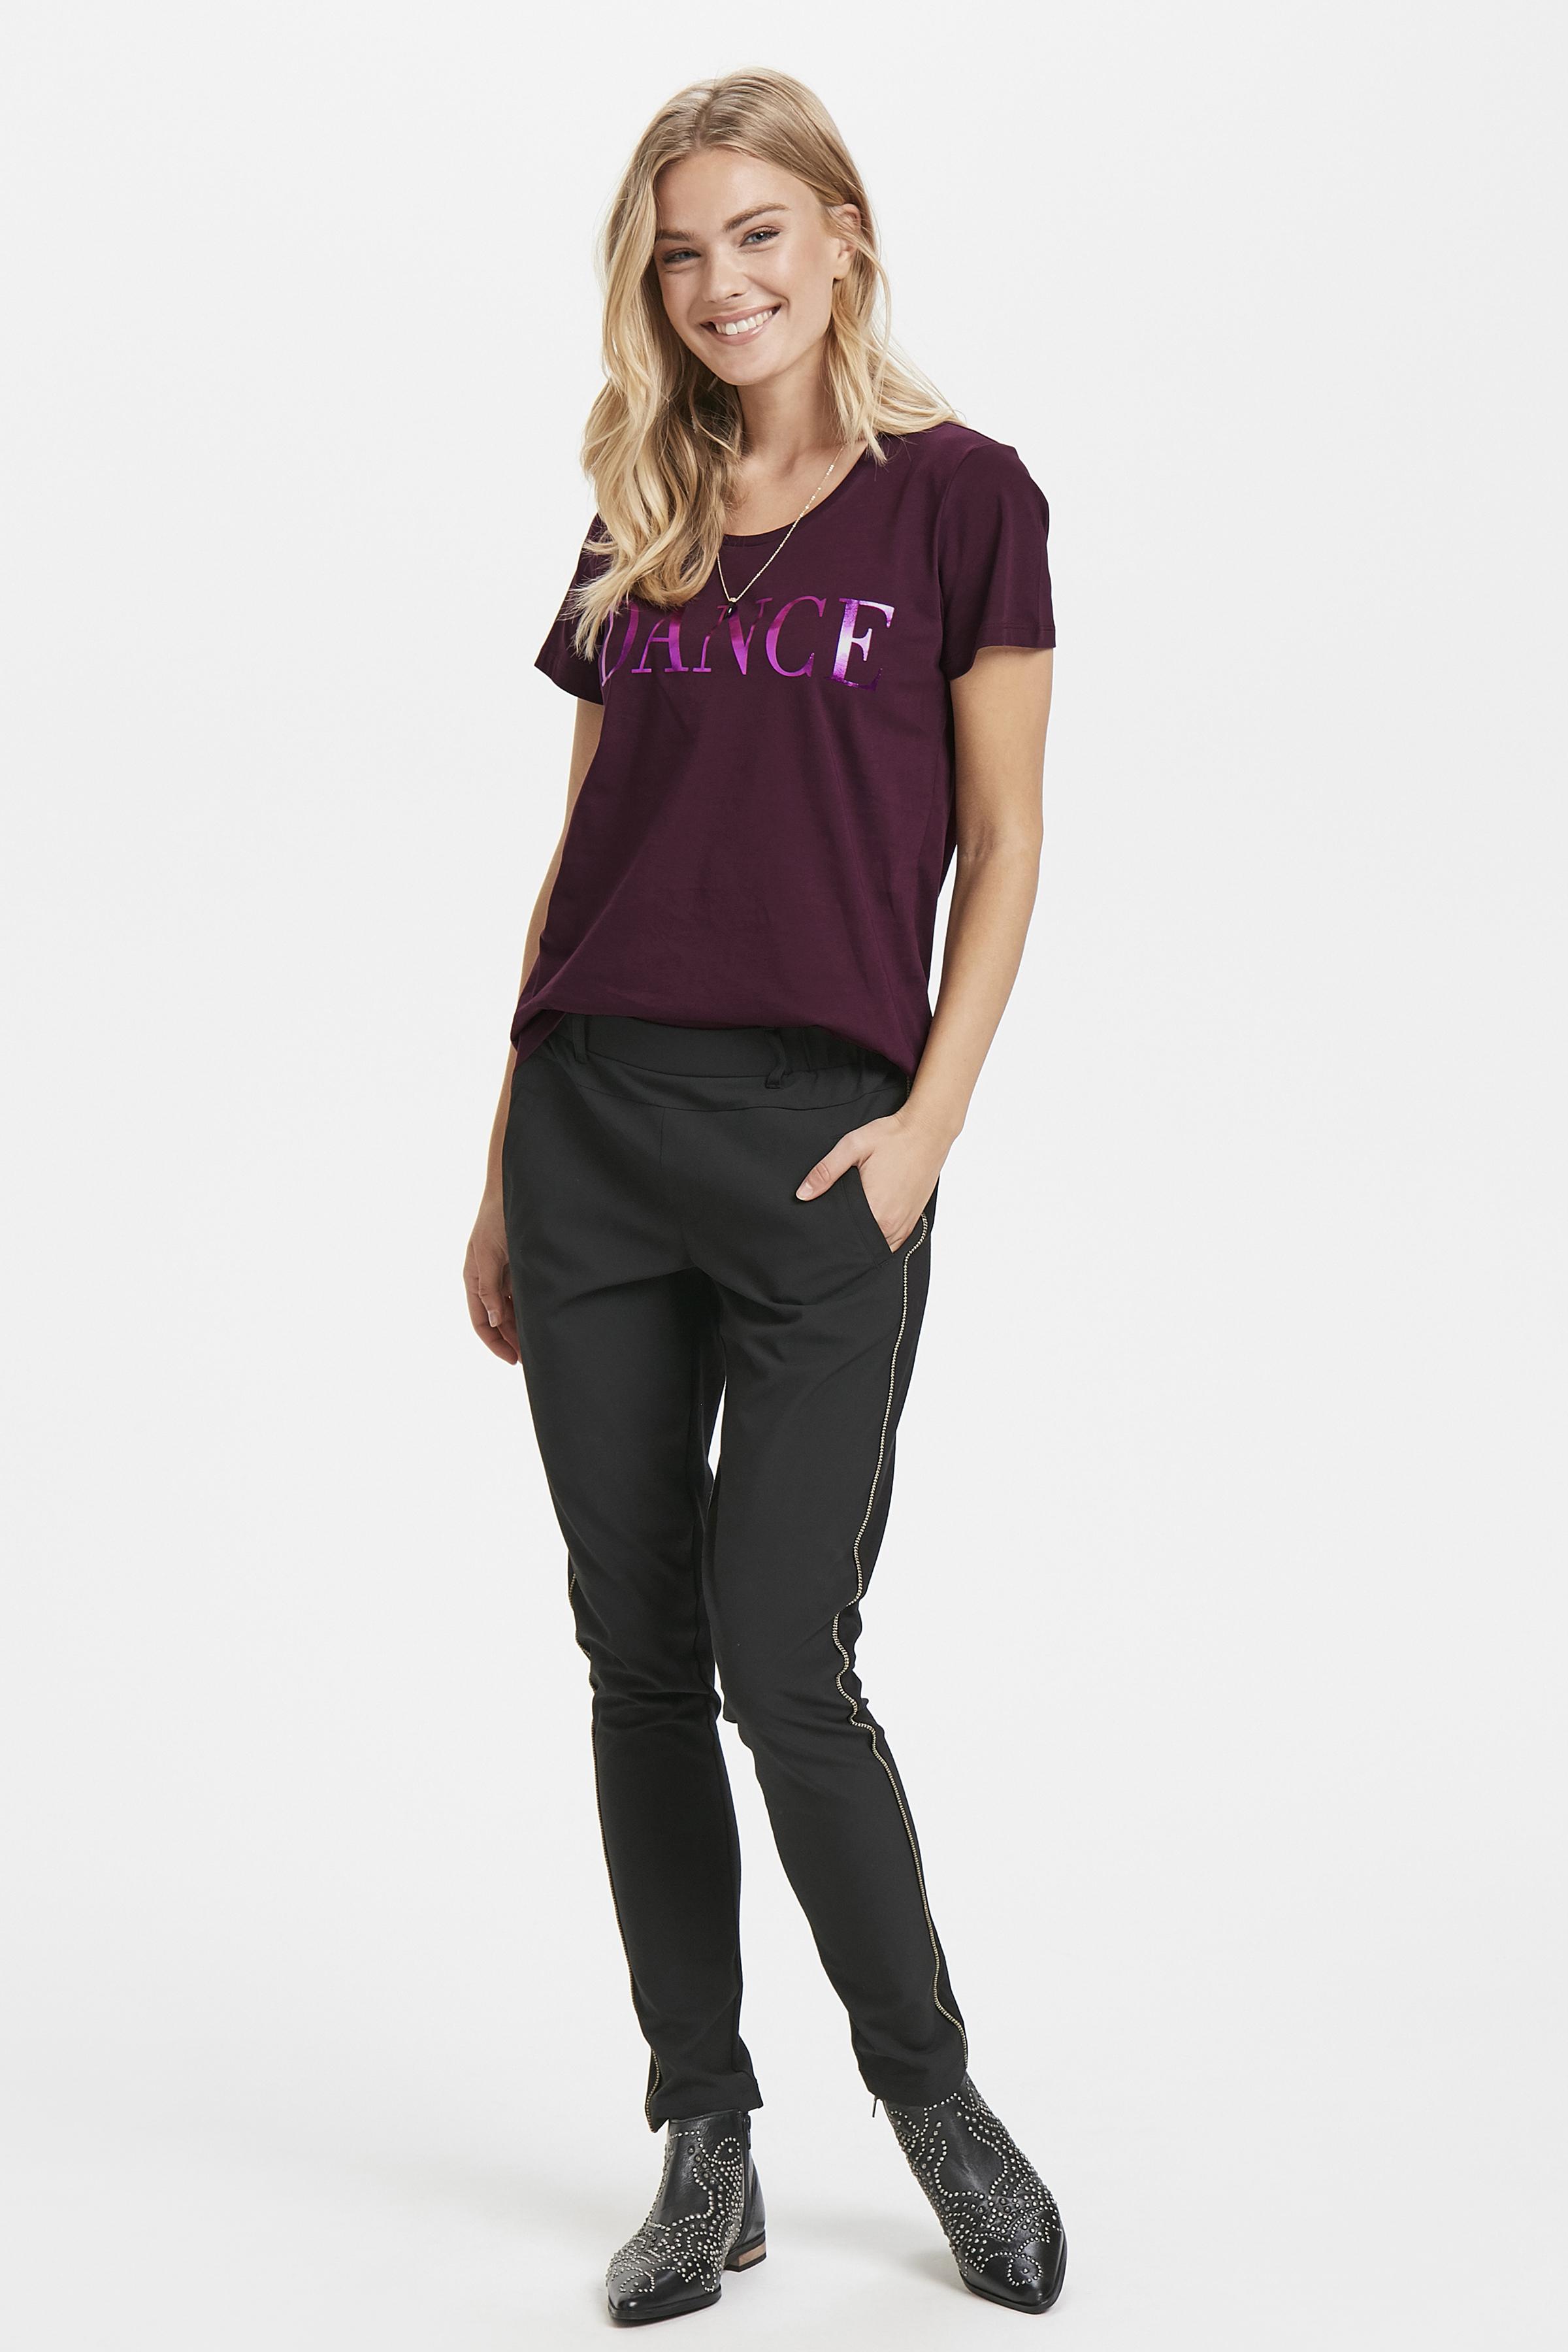 Dunkel bordeaux Kurzarm T-Shirt von Kaffe – Shoppen SieDunkel bordeaux Kurzarm T-Shirt ab Gr. XS-XXL hier